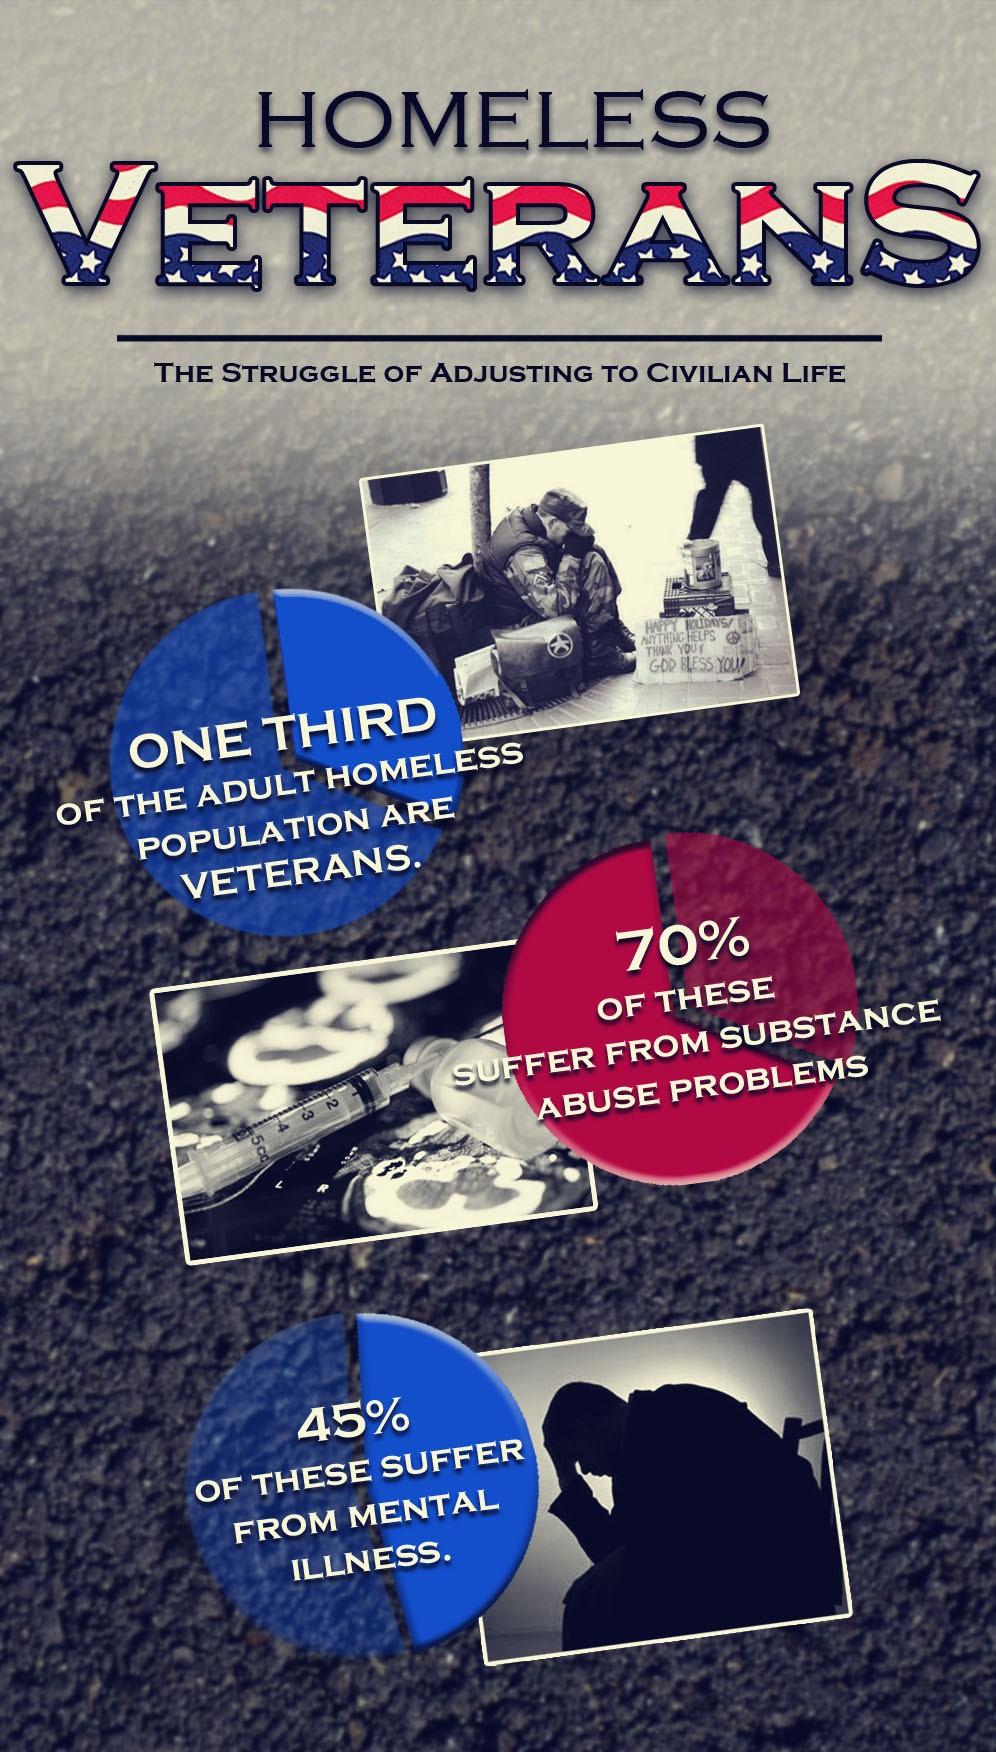 Mental Problems of Homeless Veterans